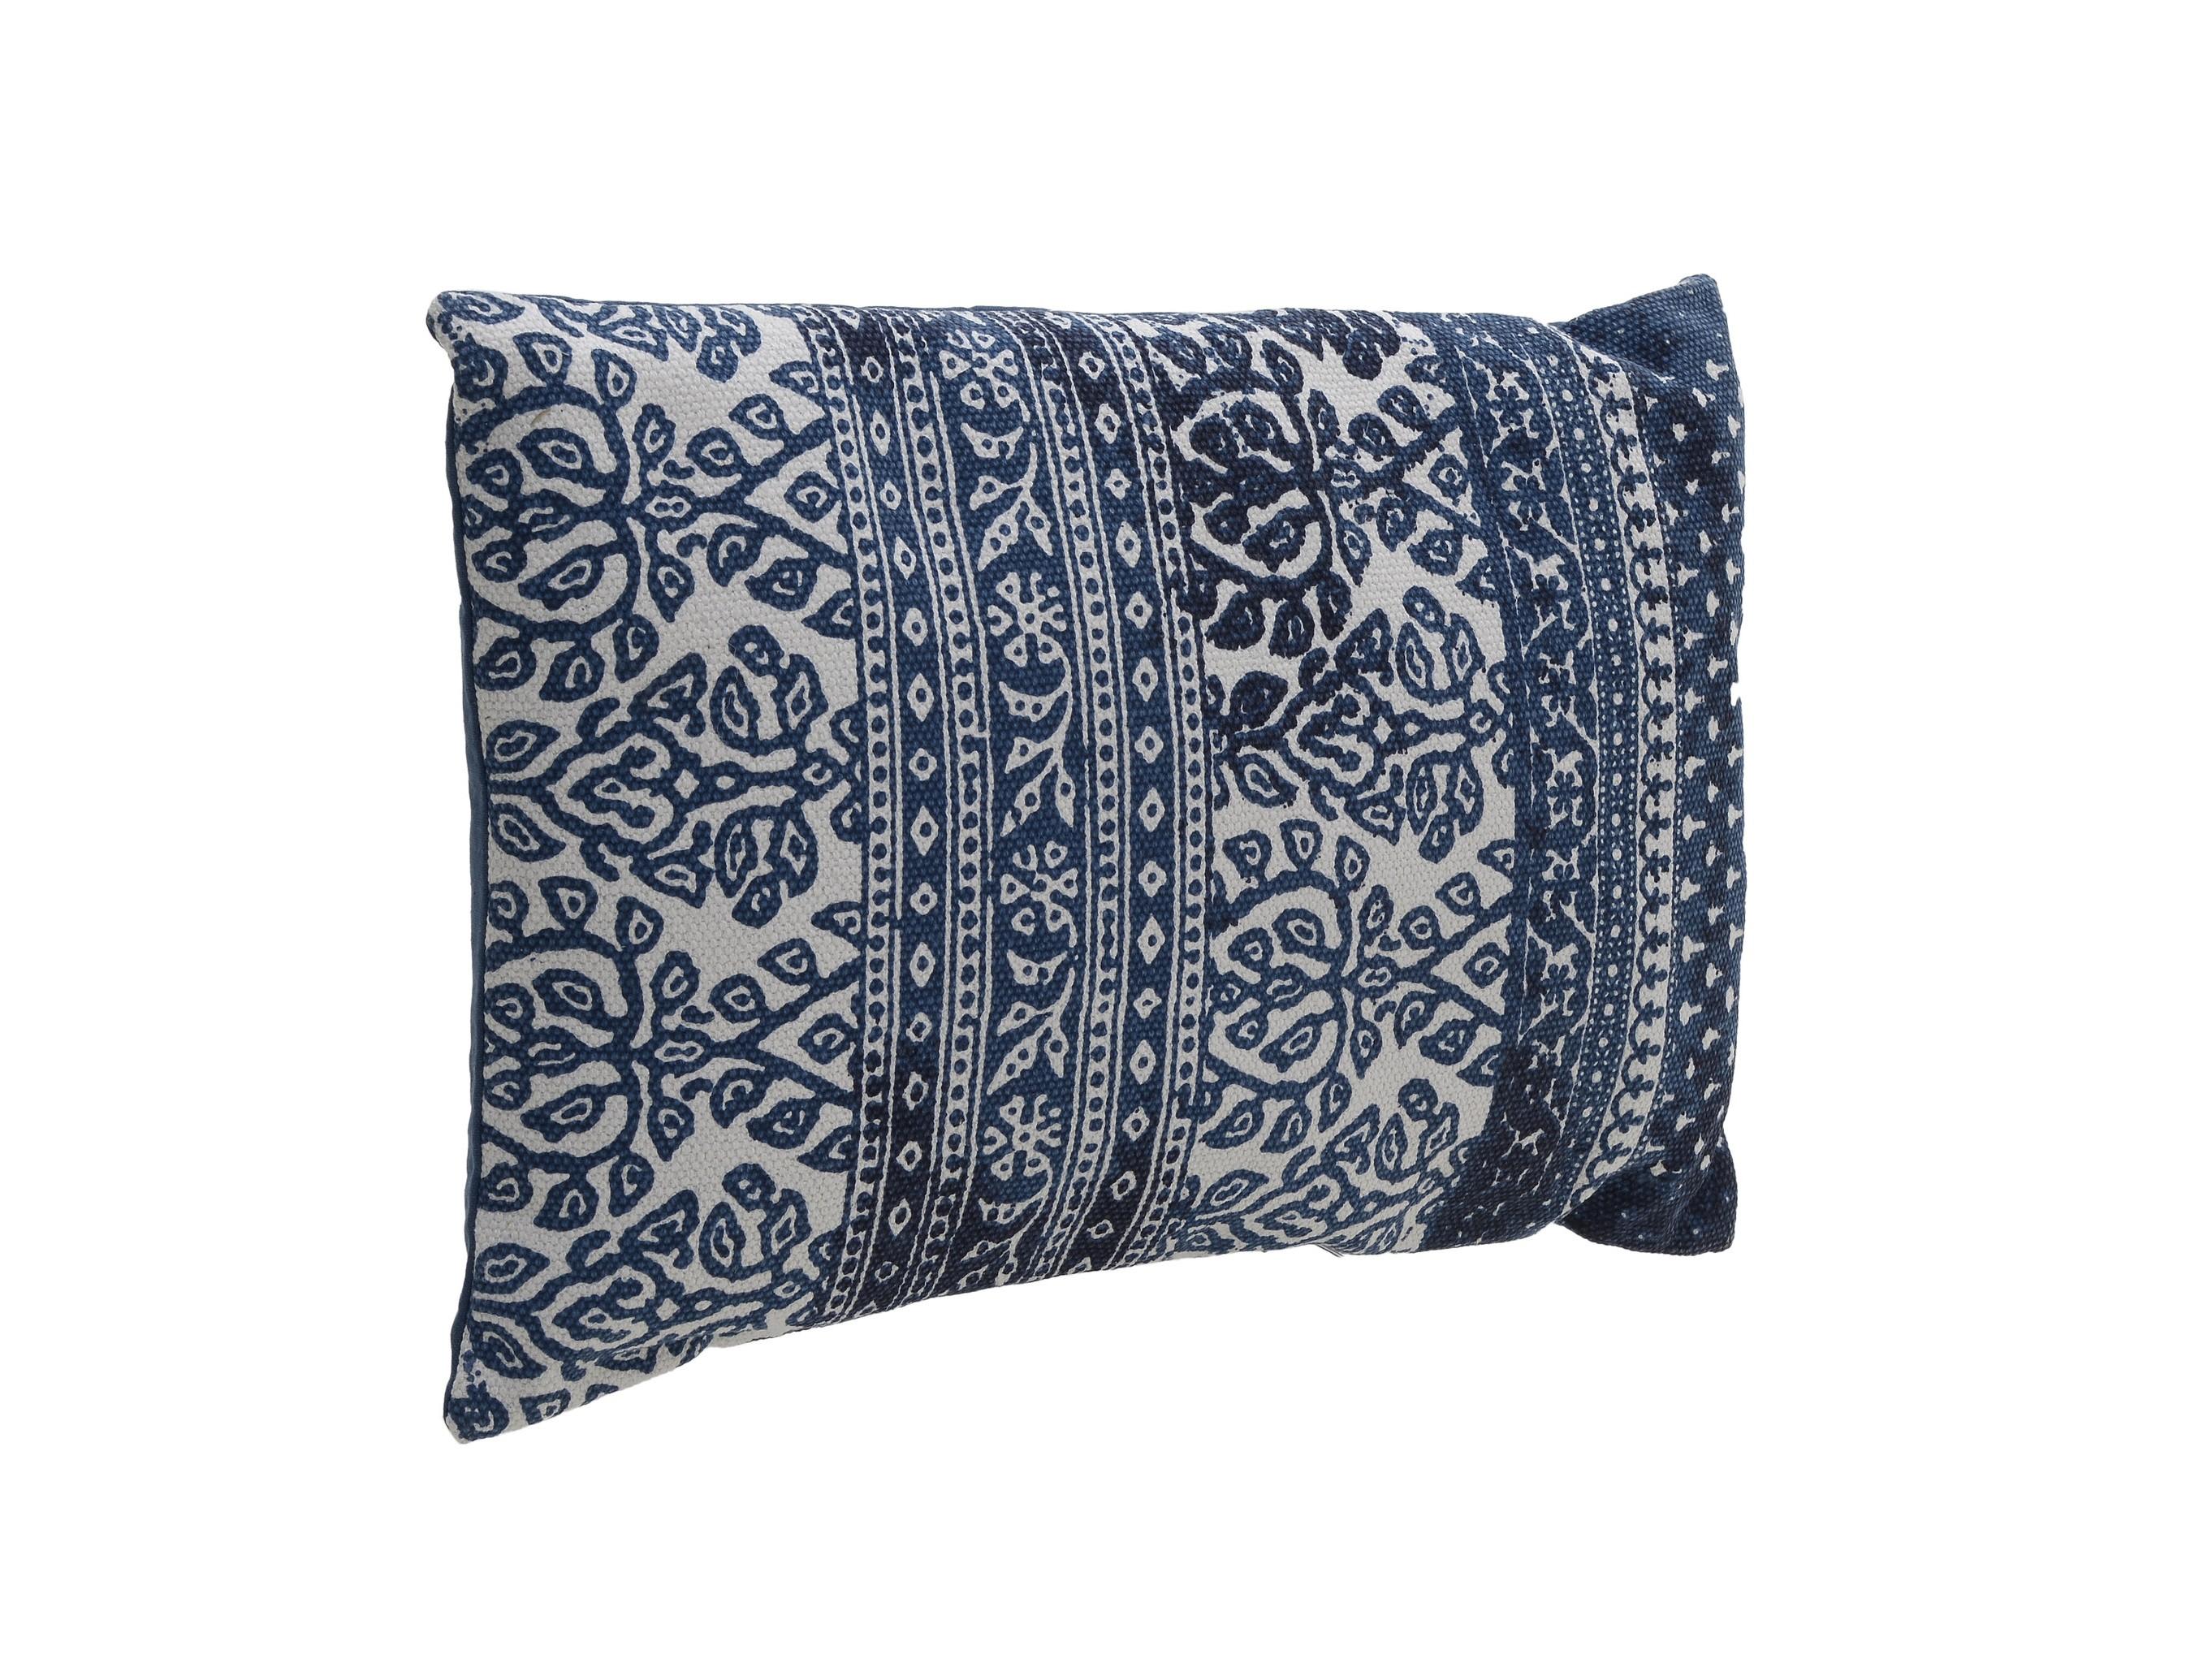 Подушка V?nusПрямоугольные подушки и наволочки<br><br><br>Material: Хлопок<br>Ширина см: 40<br>Высота см: 10<br>Глубина см: 60